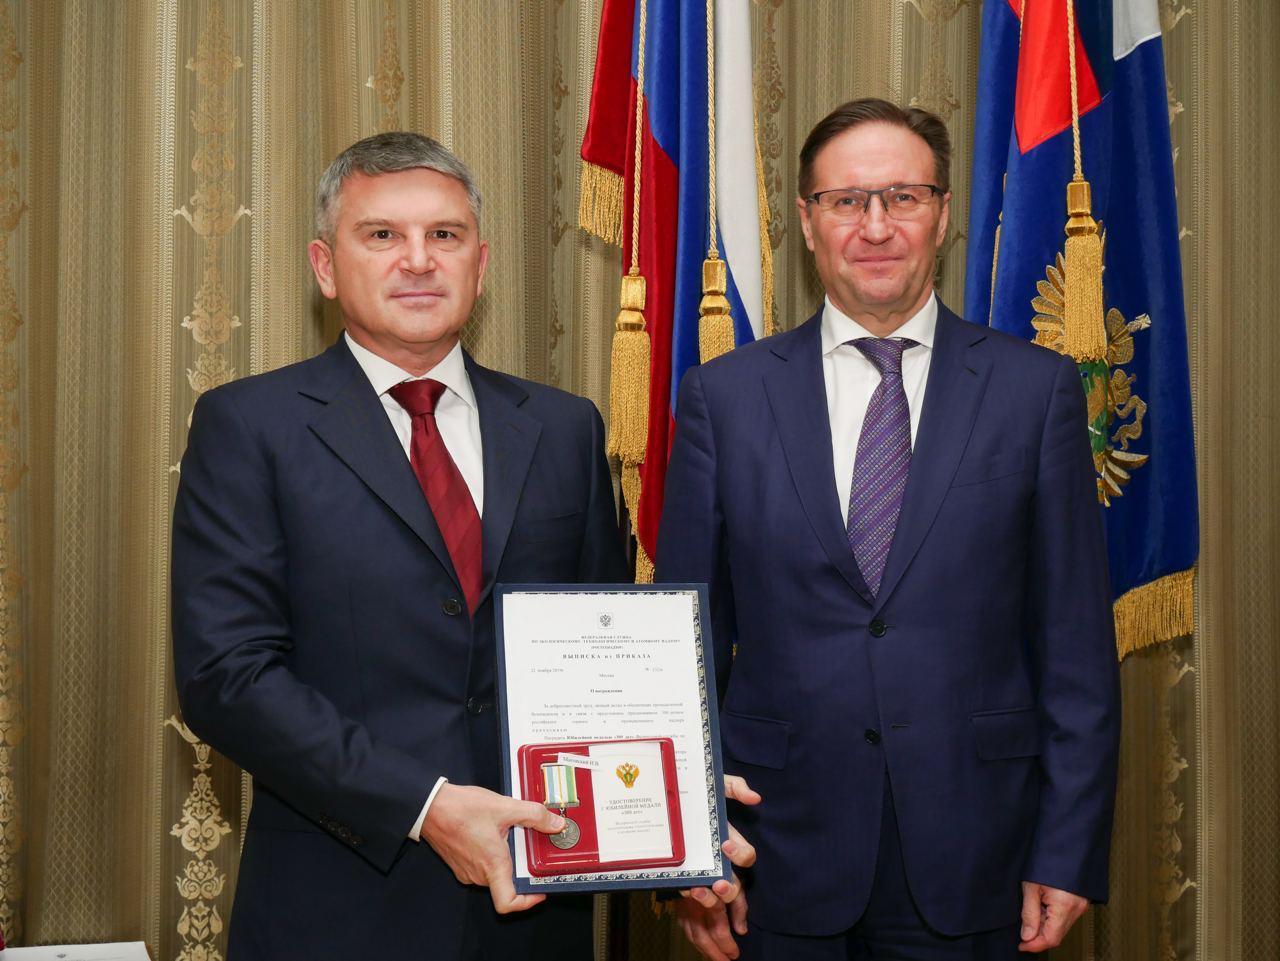 Руководитель Ростехнадзора Алексей Алешин наградил главу «Россети Центр» Игоря Маковского юбилейной медалью ведомства